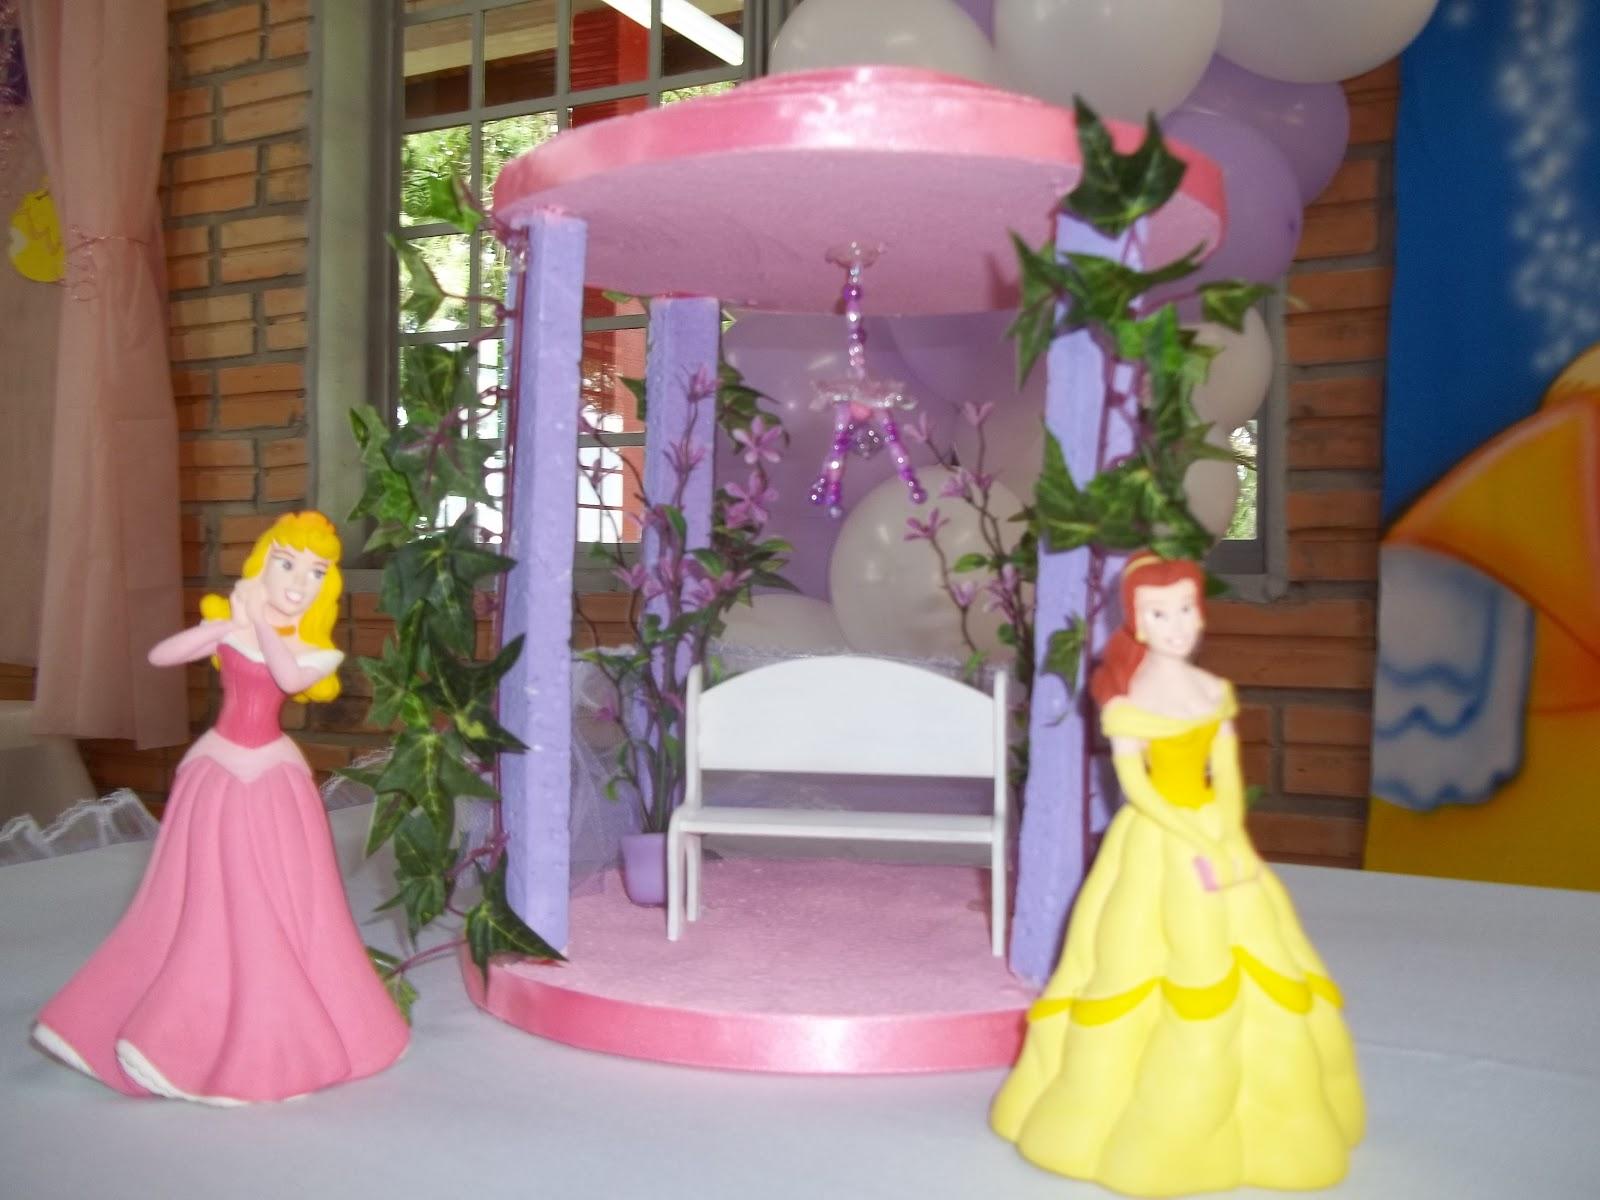 Divas decora es coreto de isopor para festa da princesas for Mural de isopor e eva